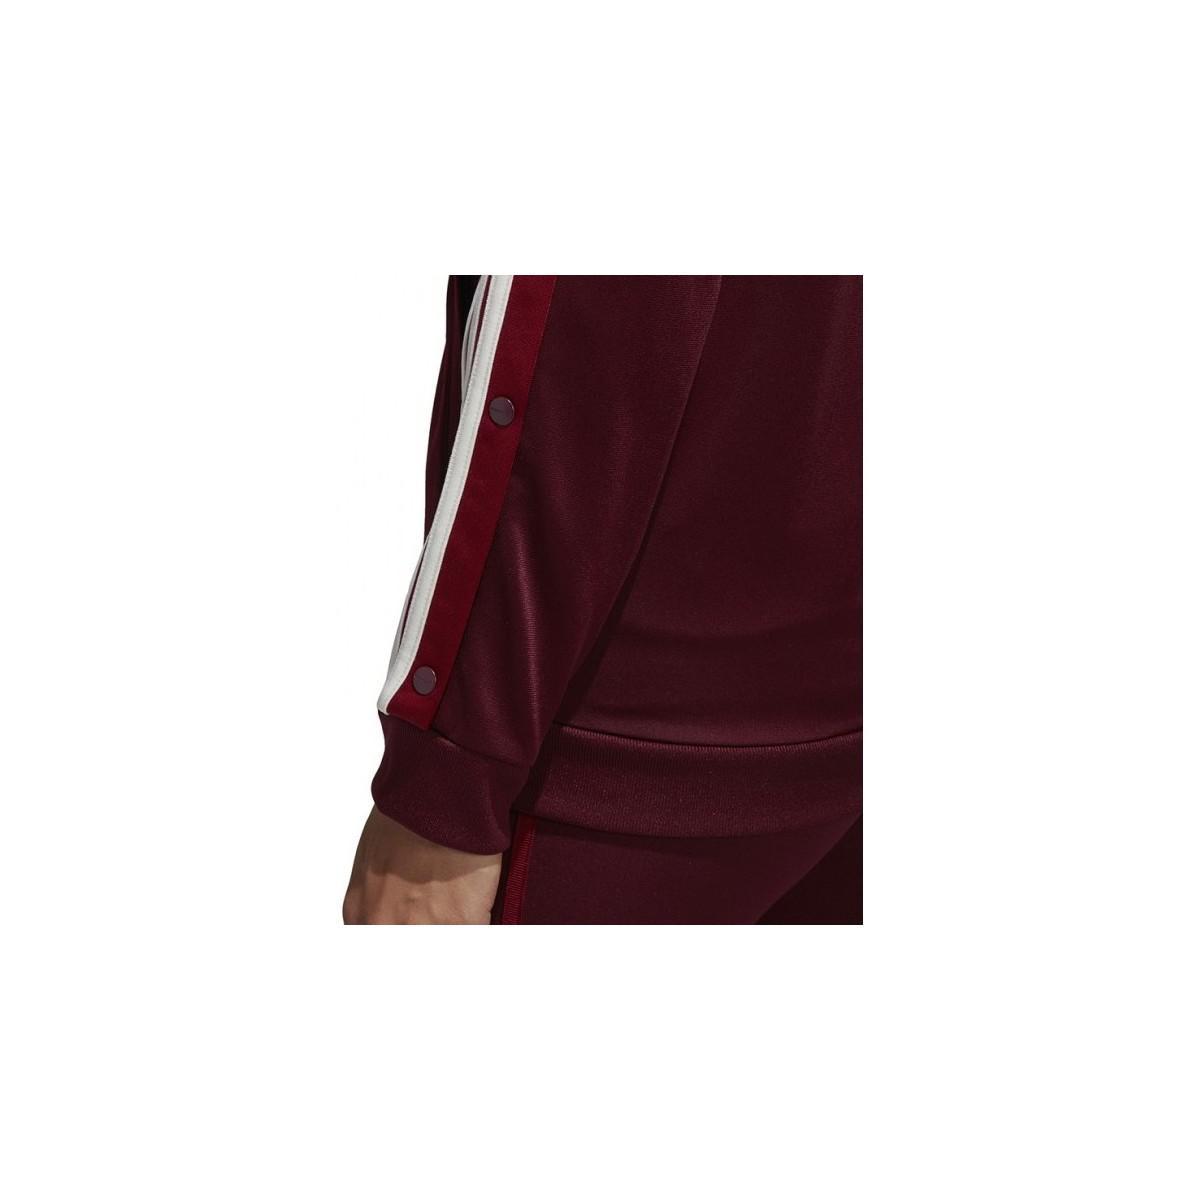 Red Coloris Adibreak Femmes Veste En Adidas Rouge De Survetement Bordeaux srthdQCxB